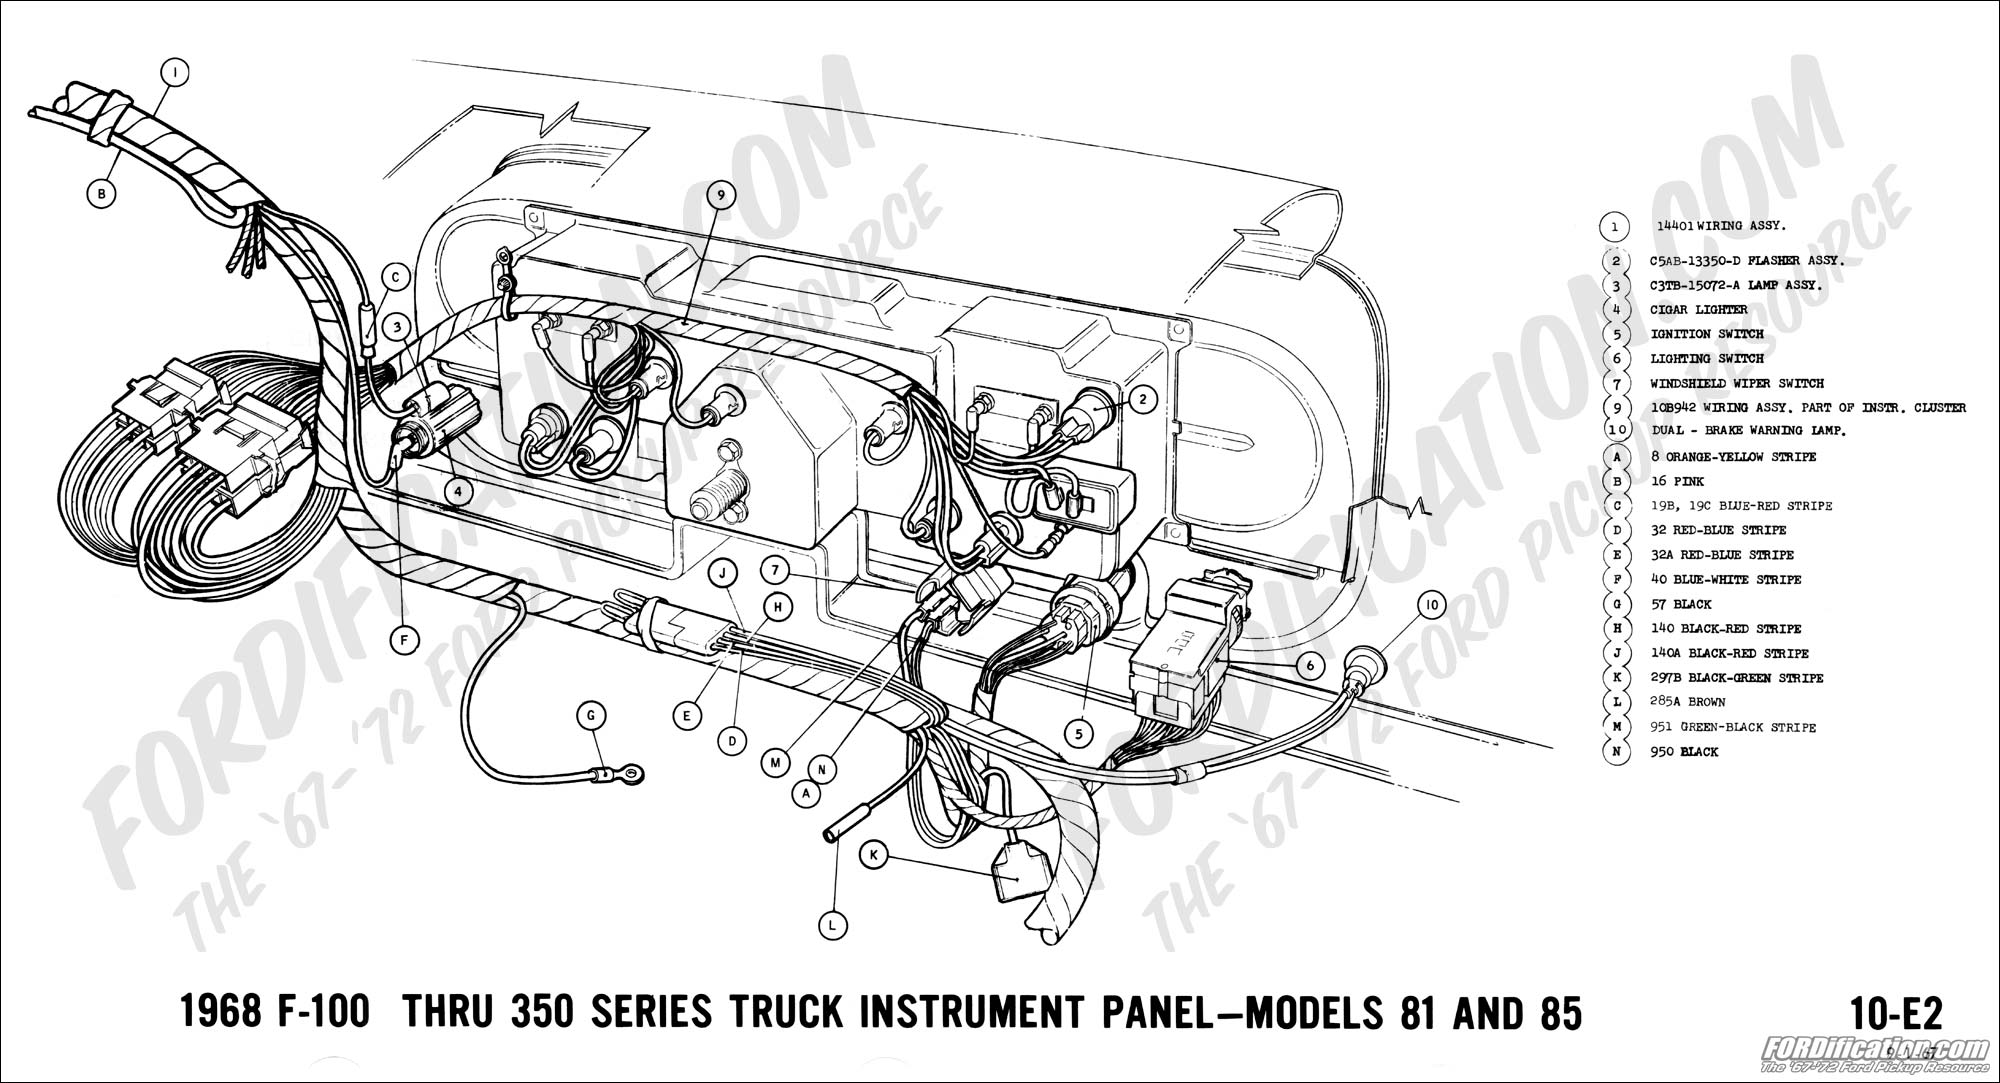 Tremendous 68 Mustang Alternator Wiring Diagram Basic Electronics Wiring Diagram Wiring Cloud Faunaidewilluminateatxorg